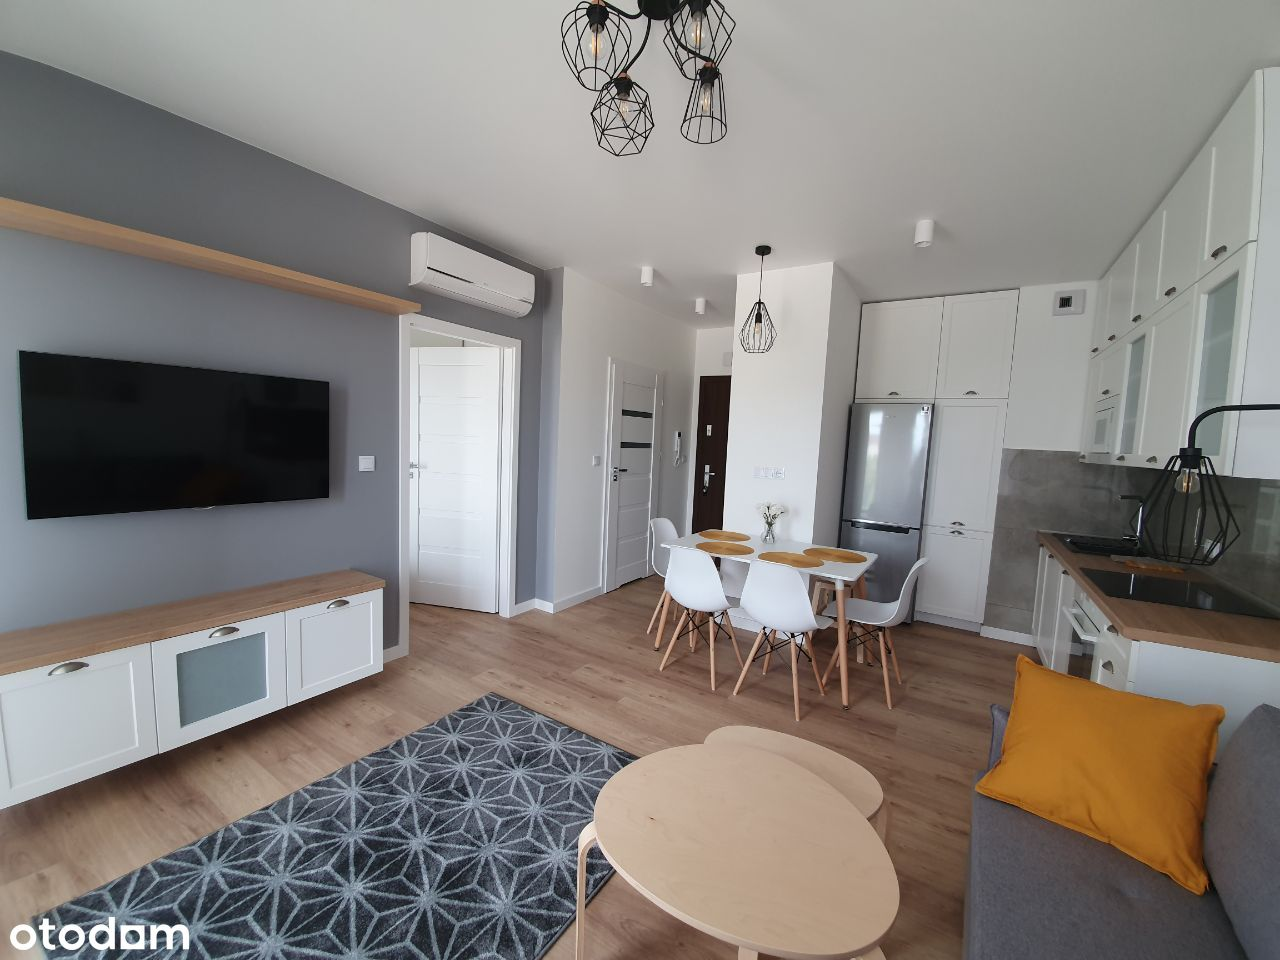 Mieszkanie 33 m2 blisko KUL/UMCS